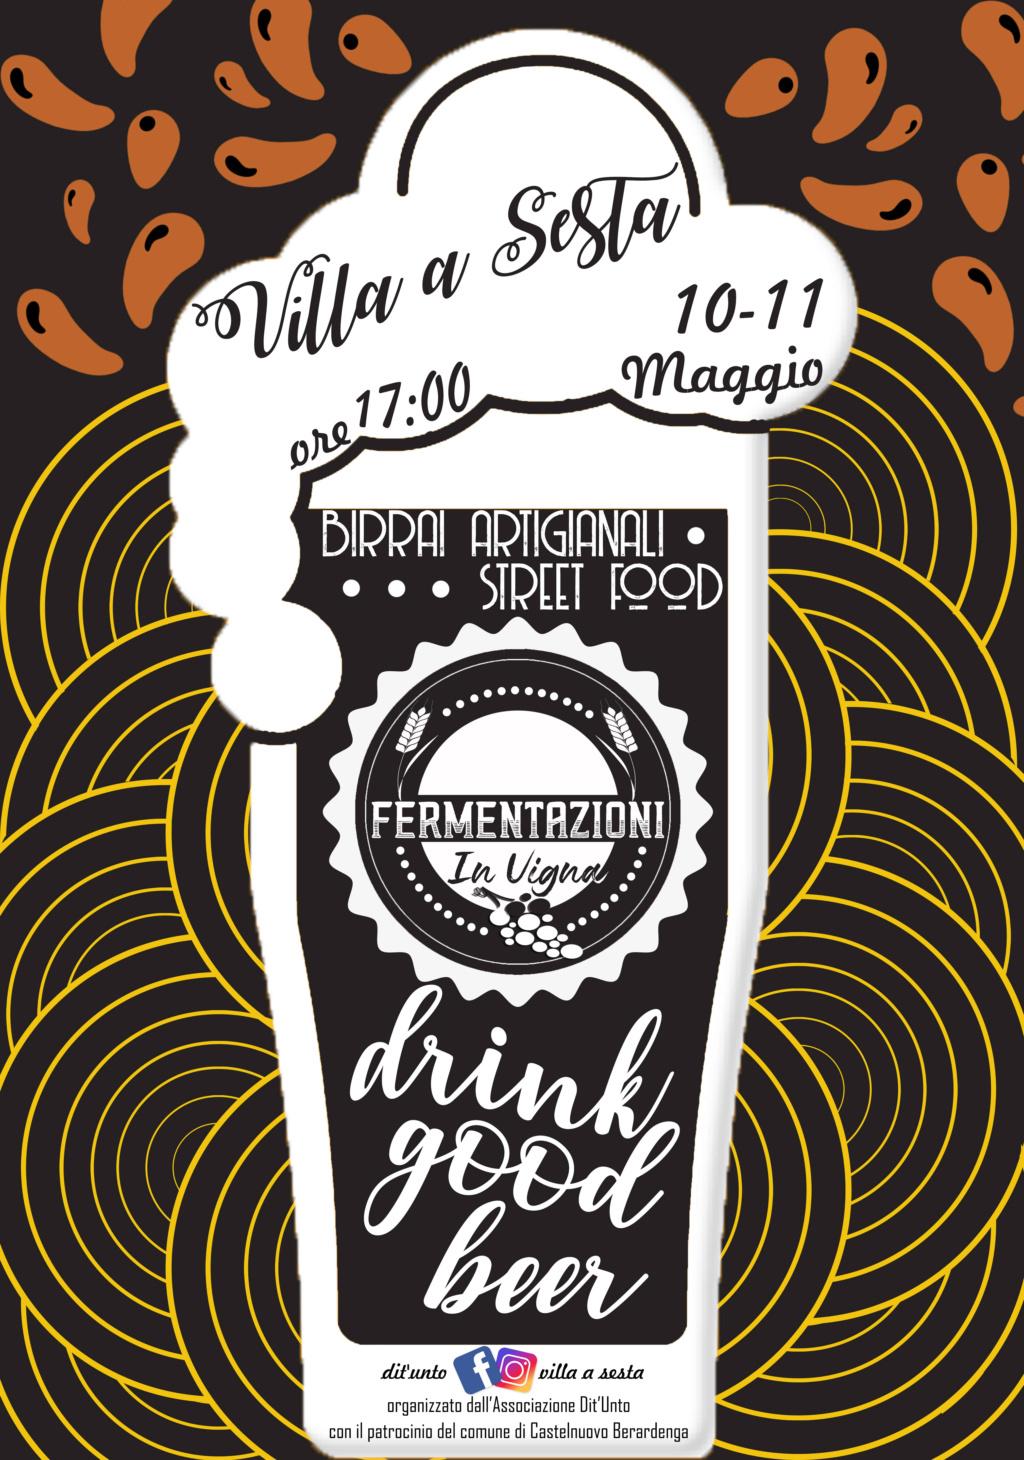 birra - Fermentazioni in vigna - Festival della birra artigianale 10-11 Maggio Volant10